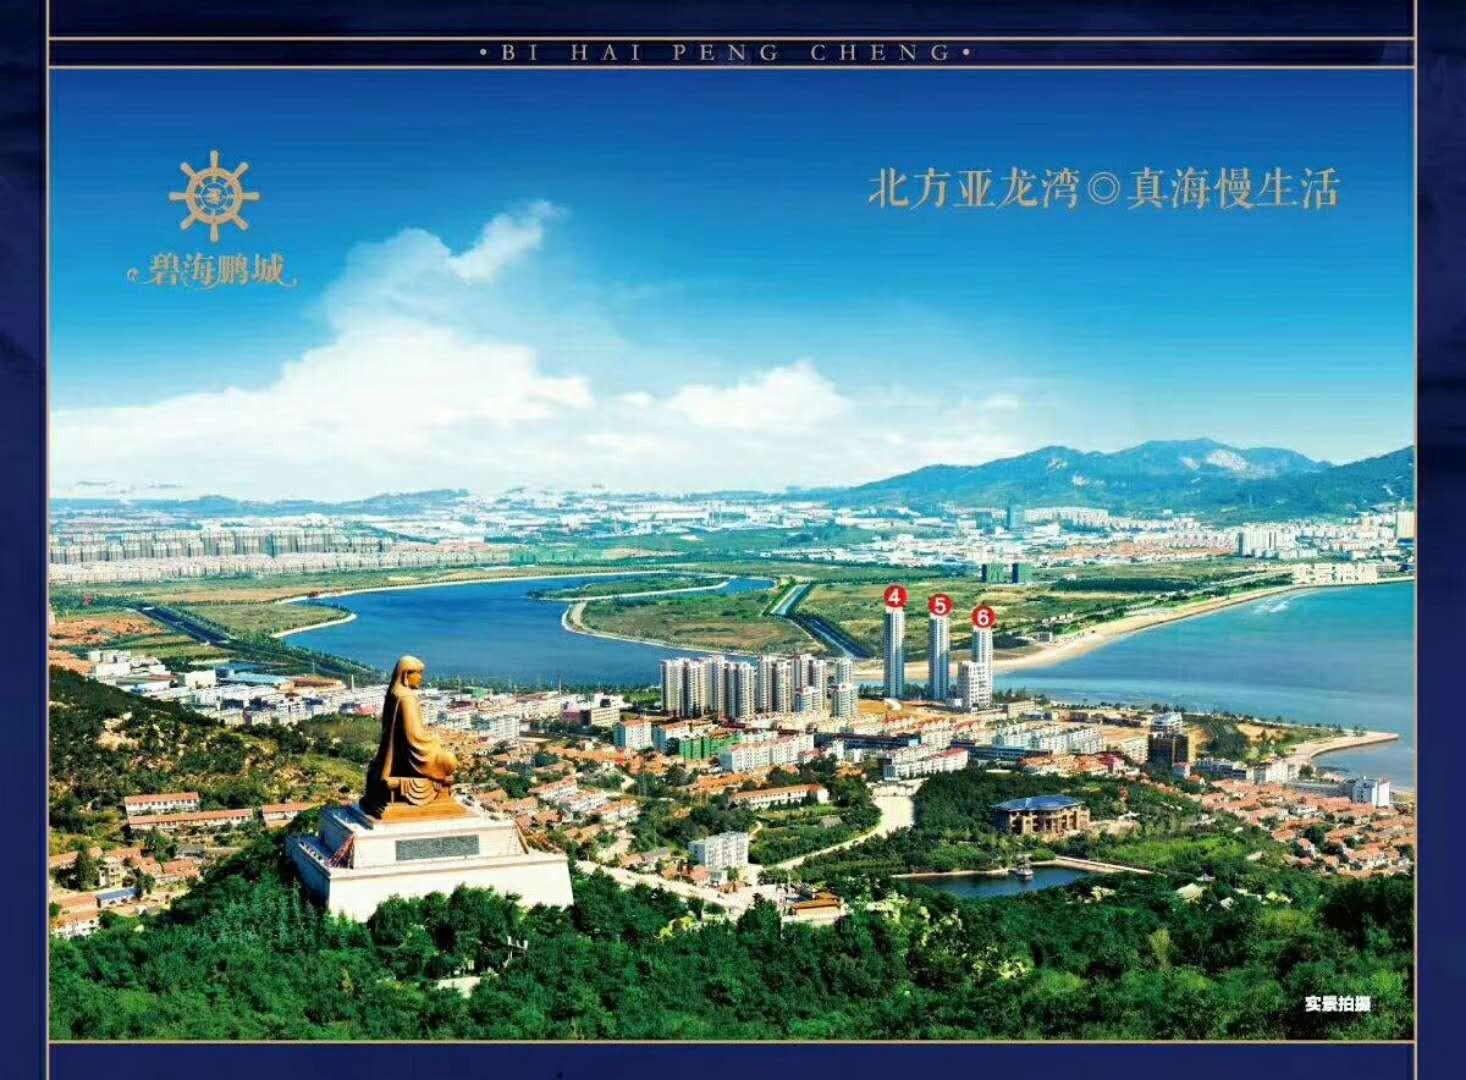 碧海鹏城实景图